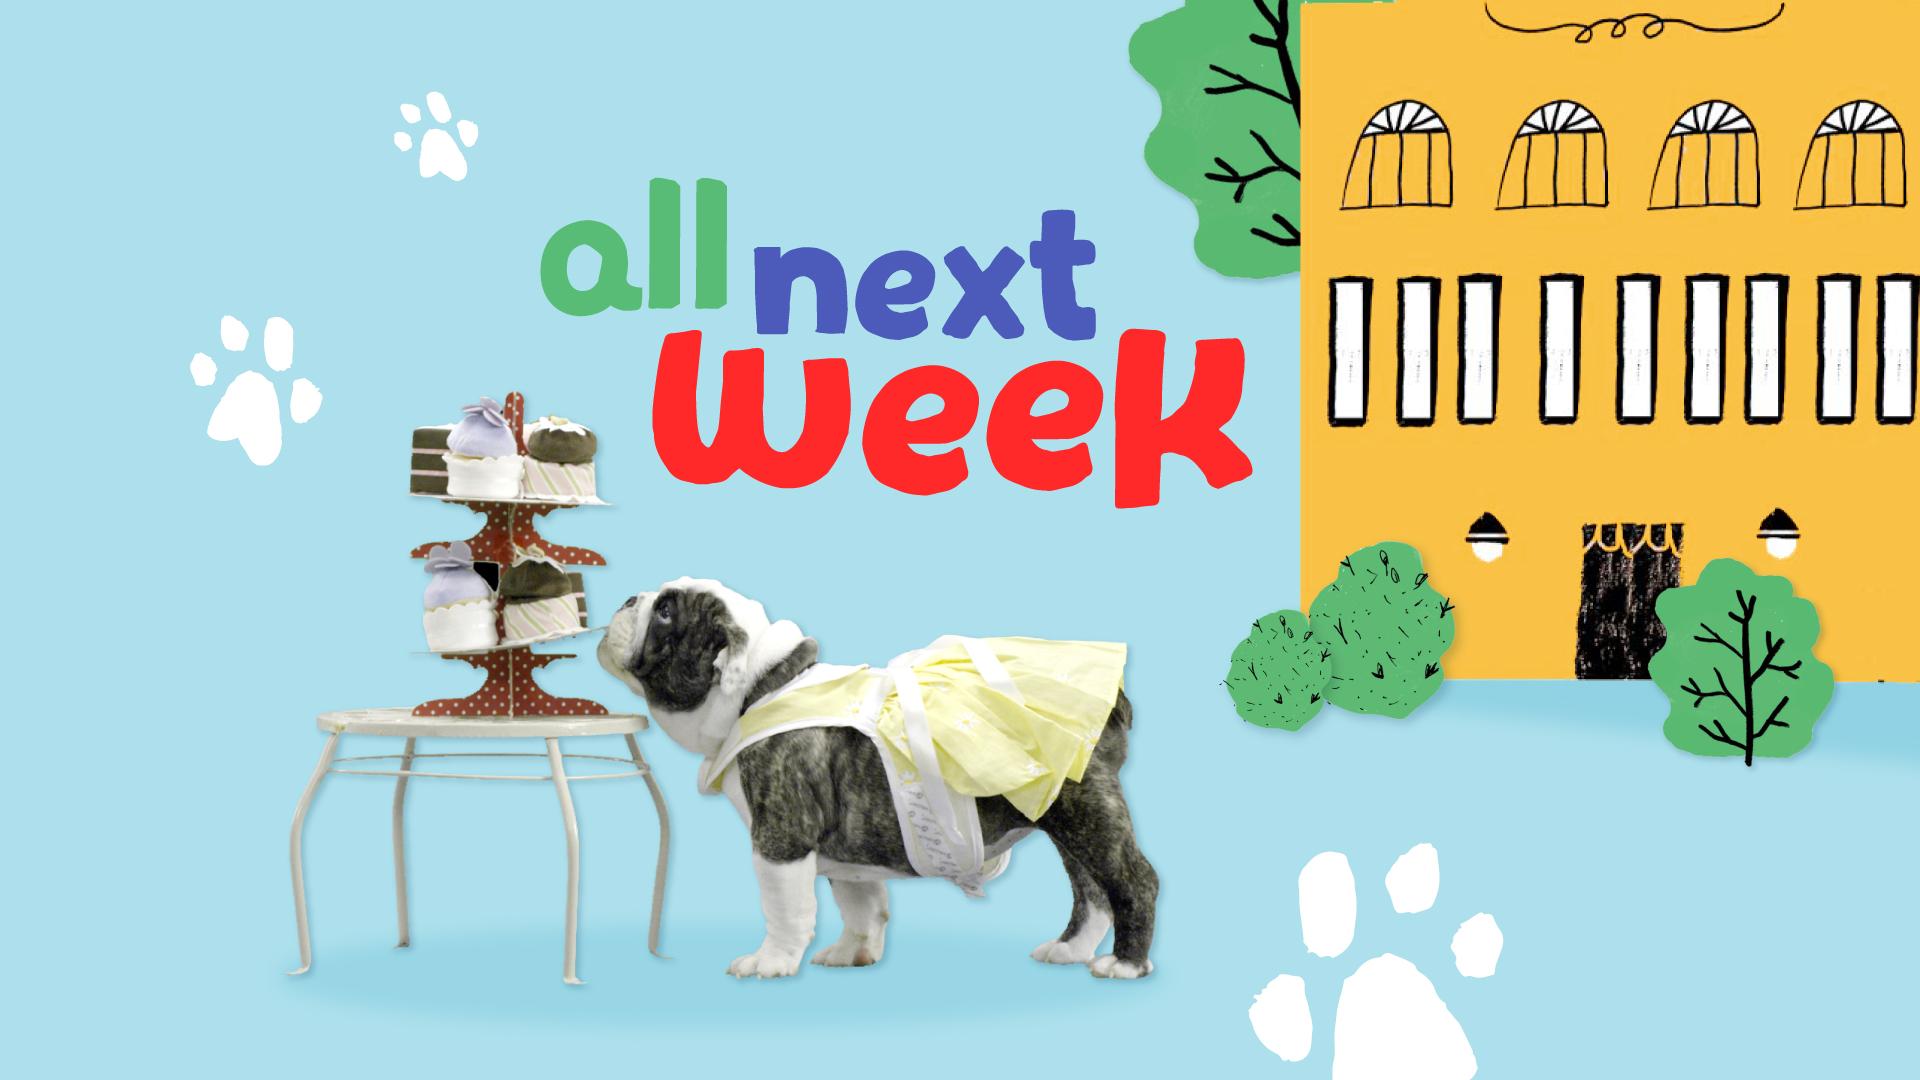 Puppy_Town_AllNextWeek.jpg